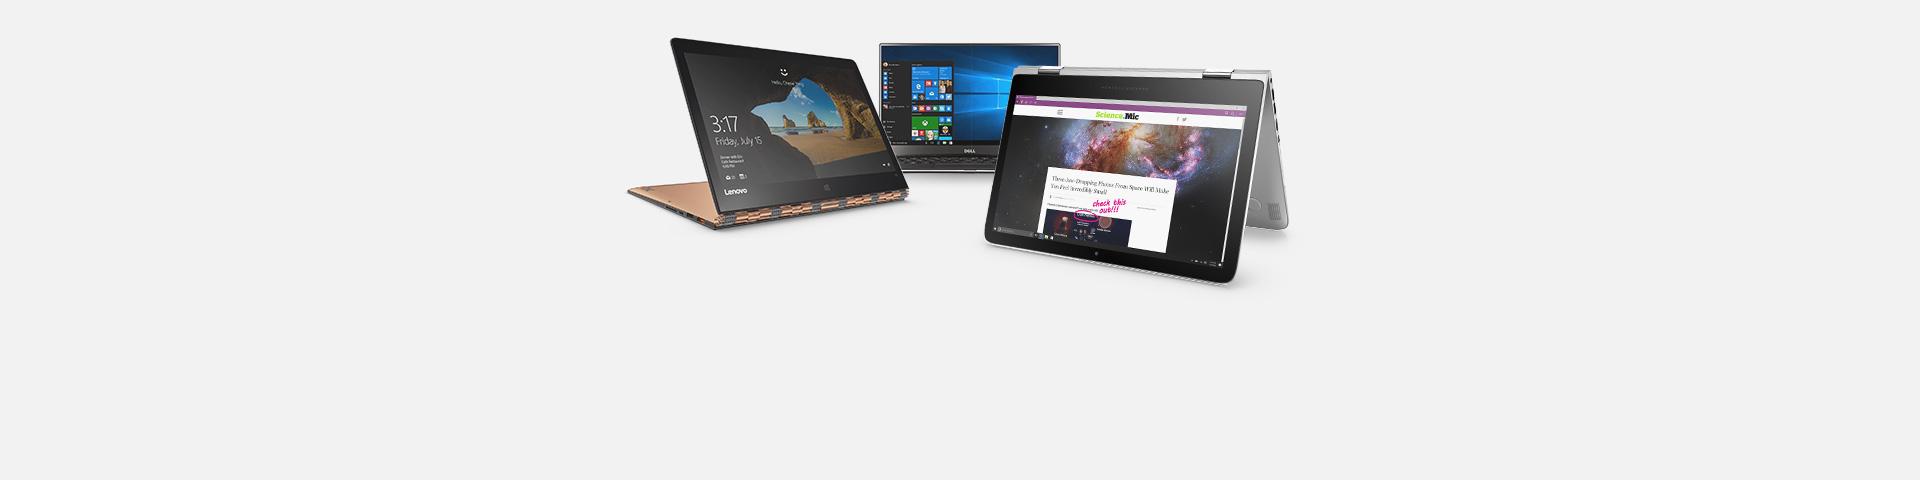 PCs, shop for featured PCs